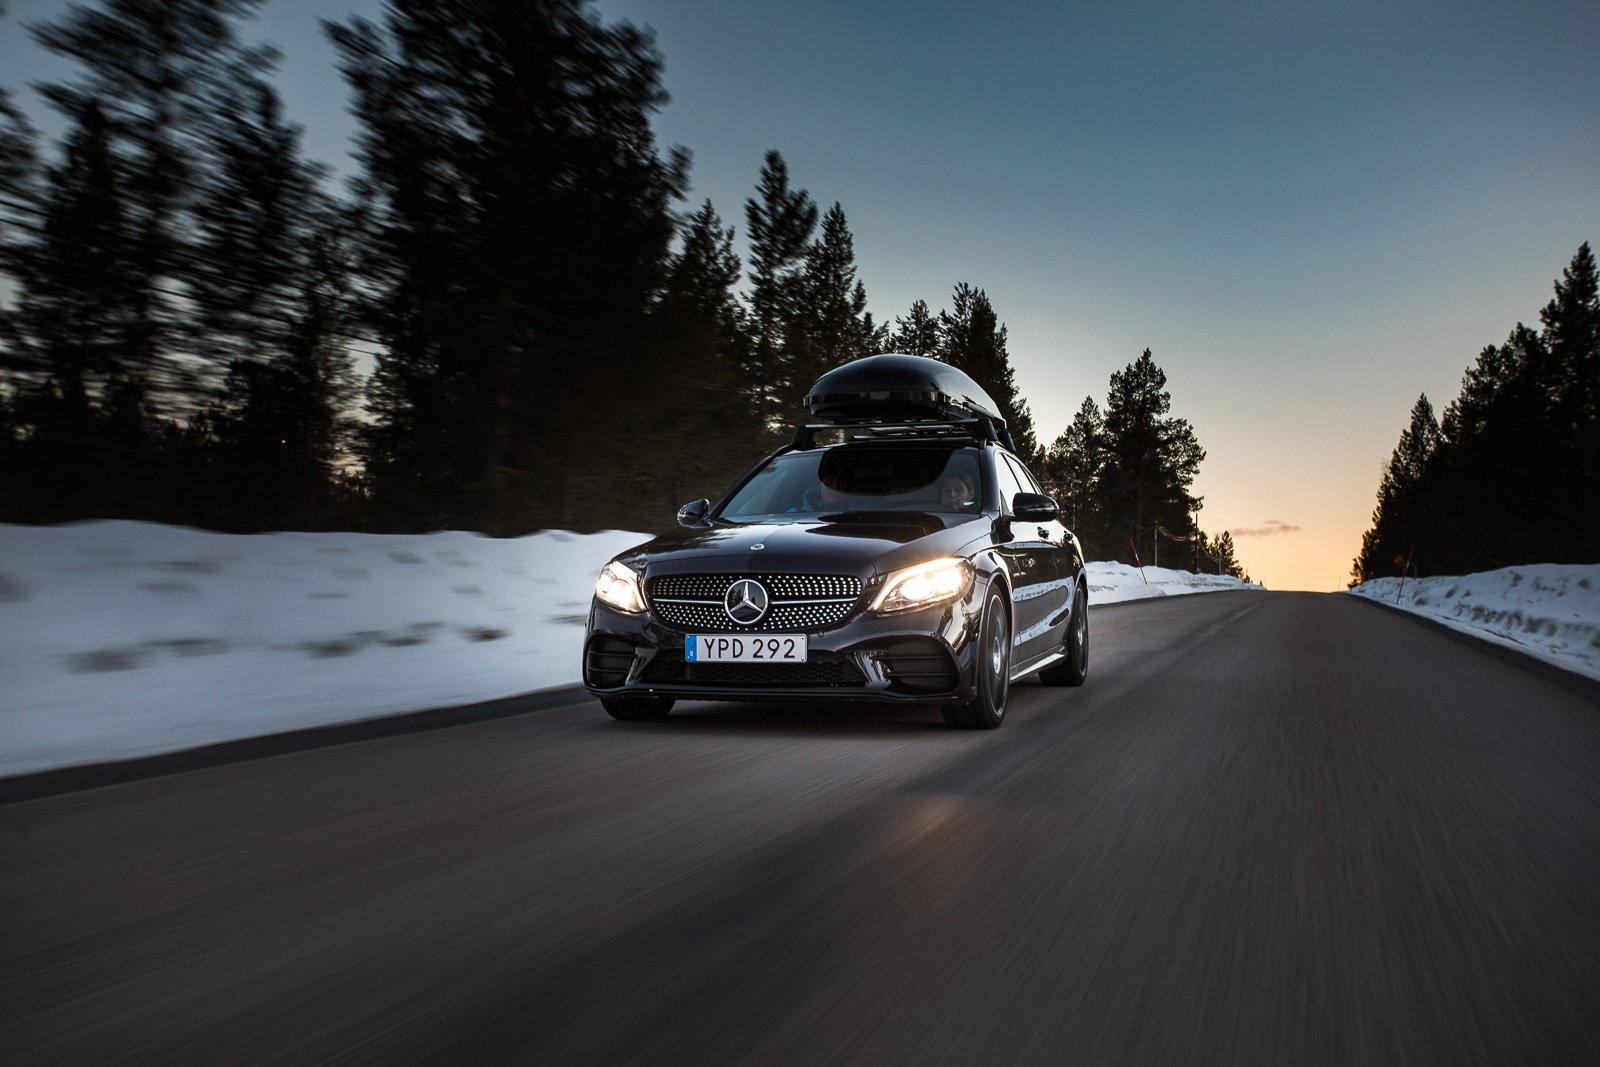 Alla bilarna är fyrhjulsdrivna Mercedes-Benz med automatlåda.